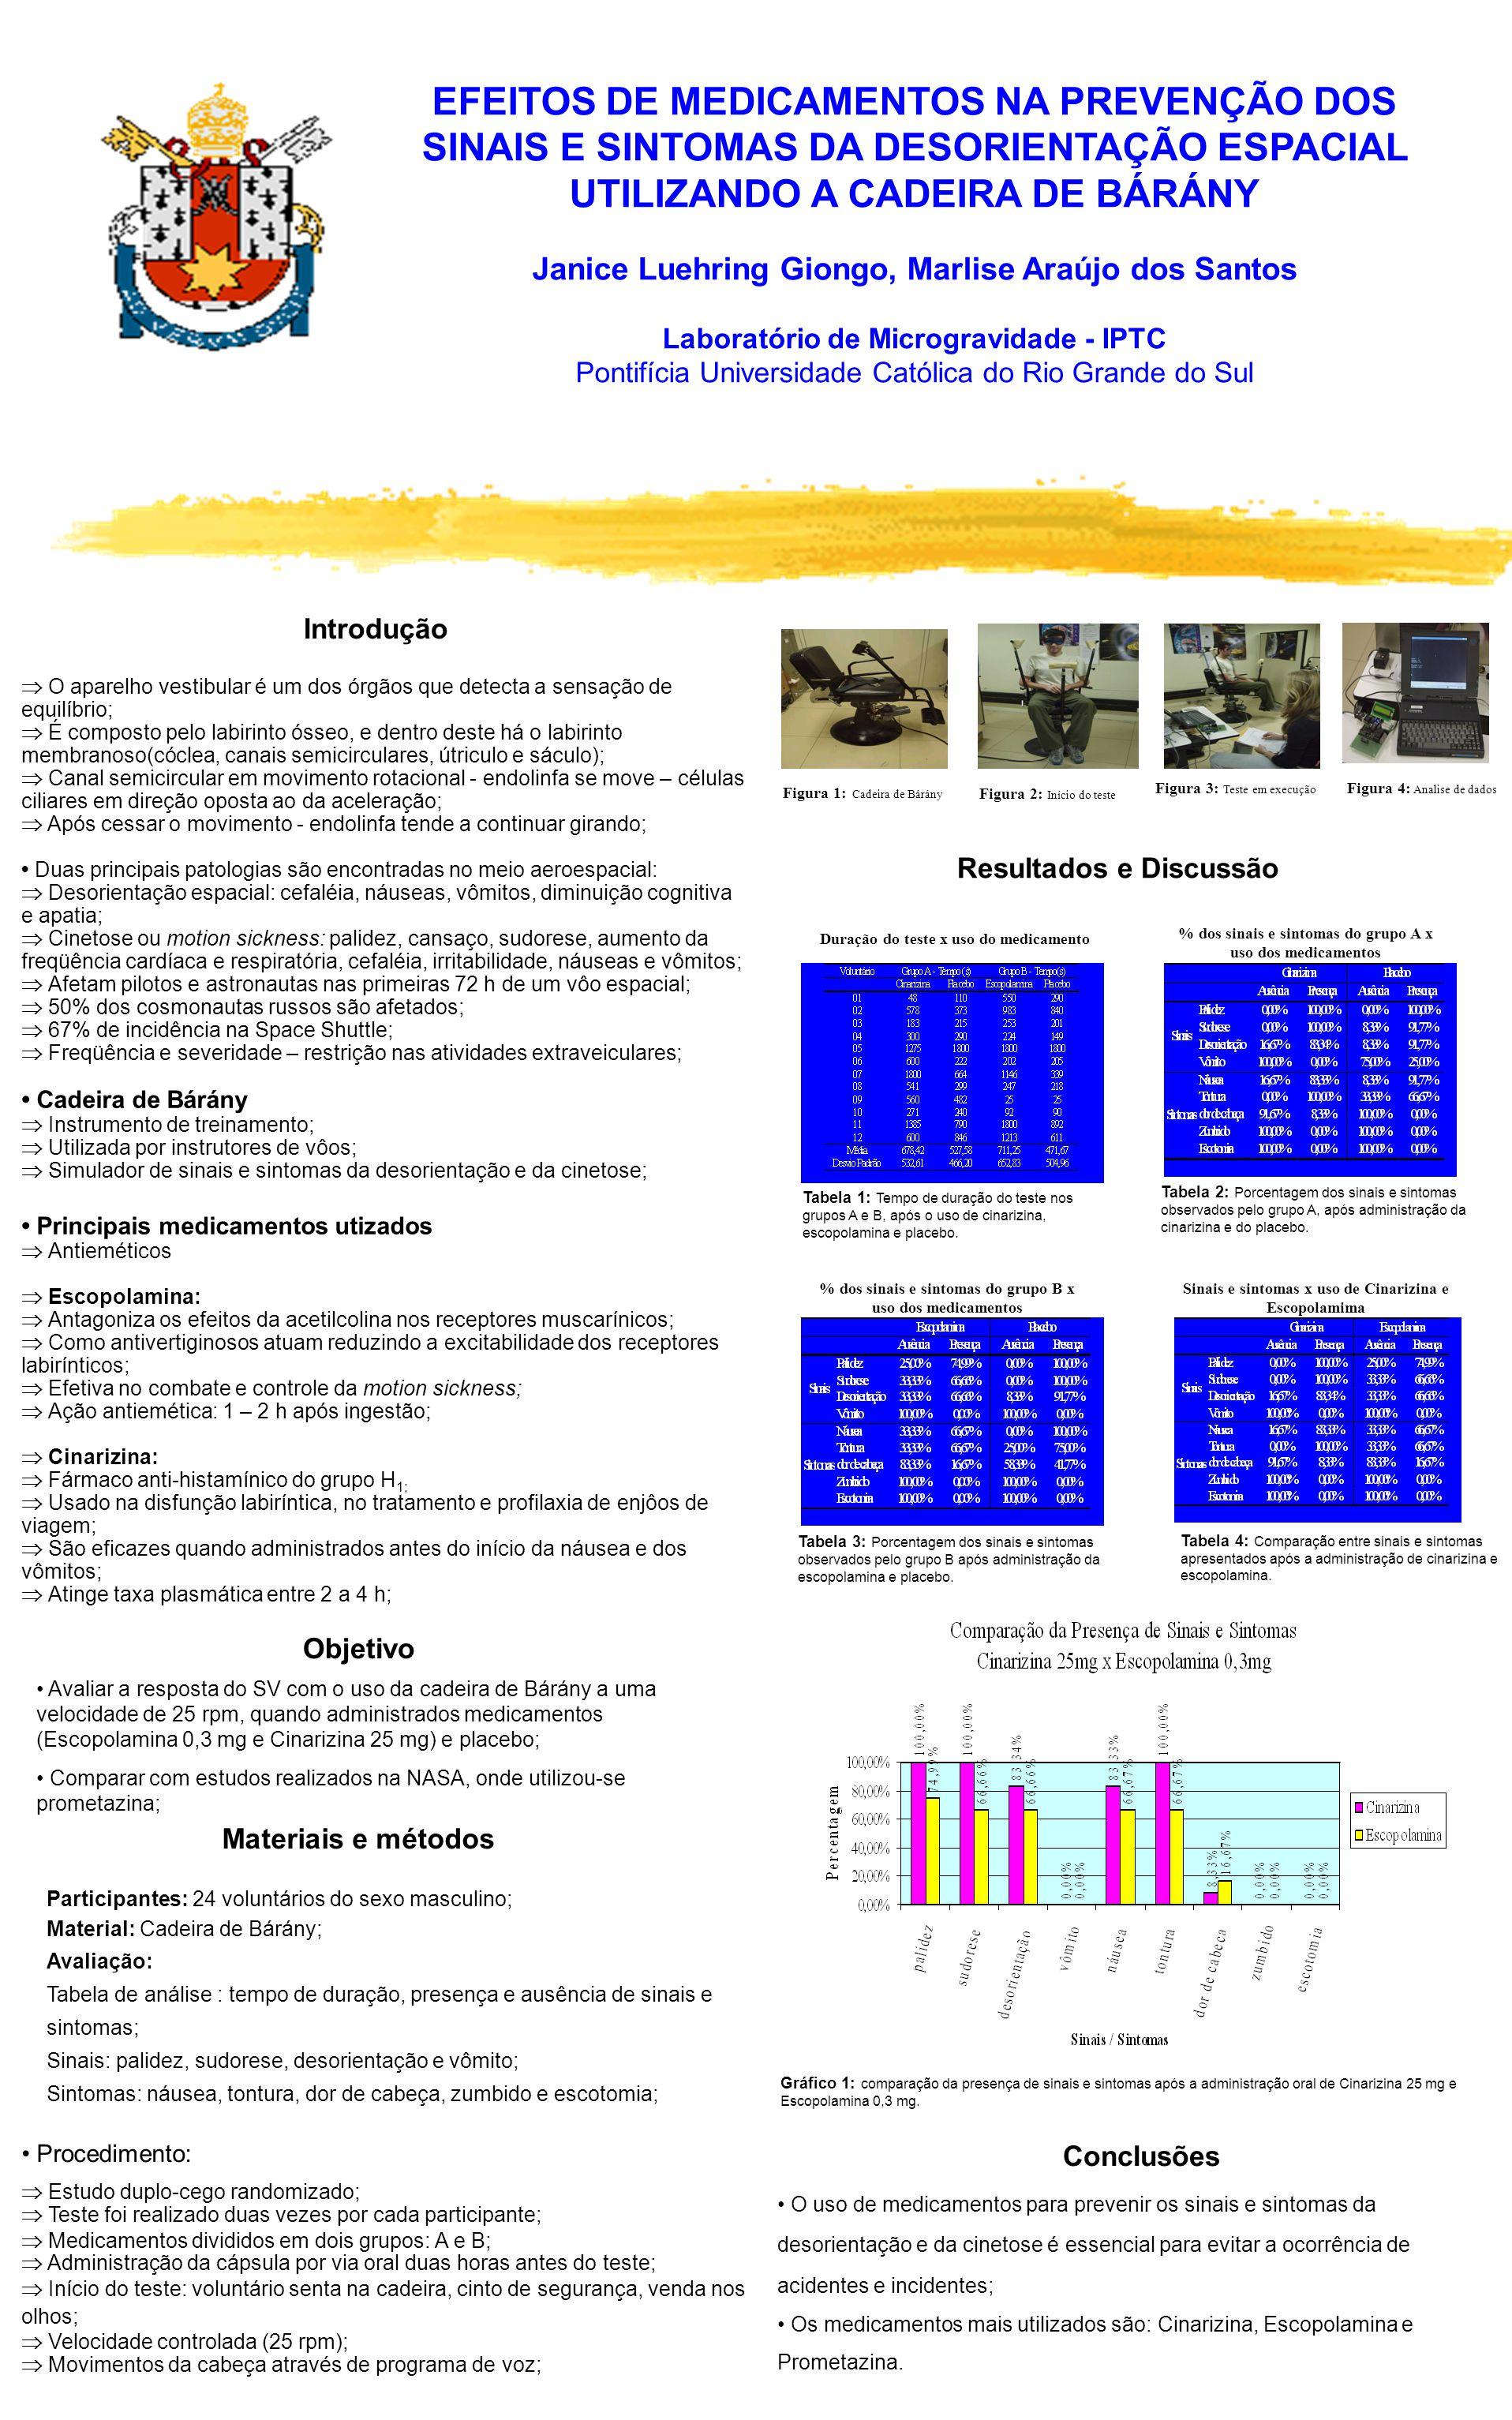 EFEITOS DE MEDICAMENTOS NA PREVENÇÃO DOS SINAIS E SINTOMAS DA DESORIENTAÇÃO ESPACIAL UTILIZANDO A CADEIRA DE BÁRÁNY